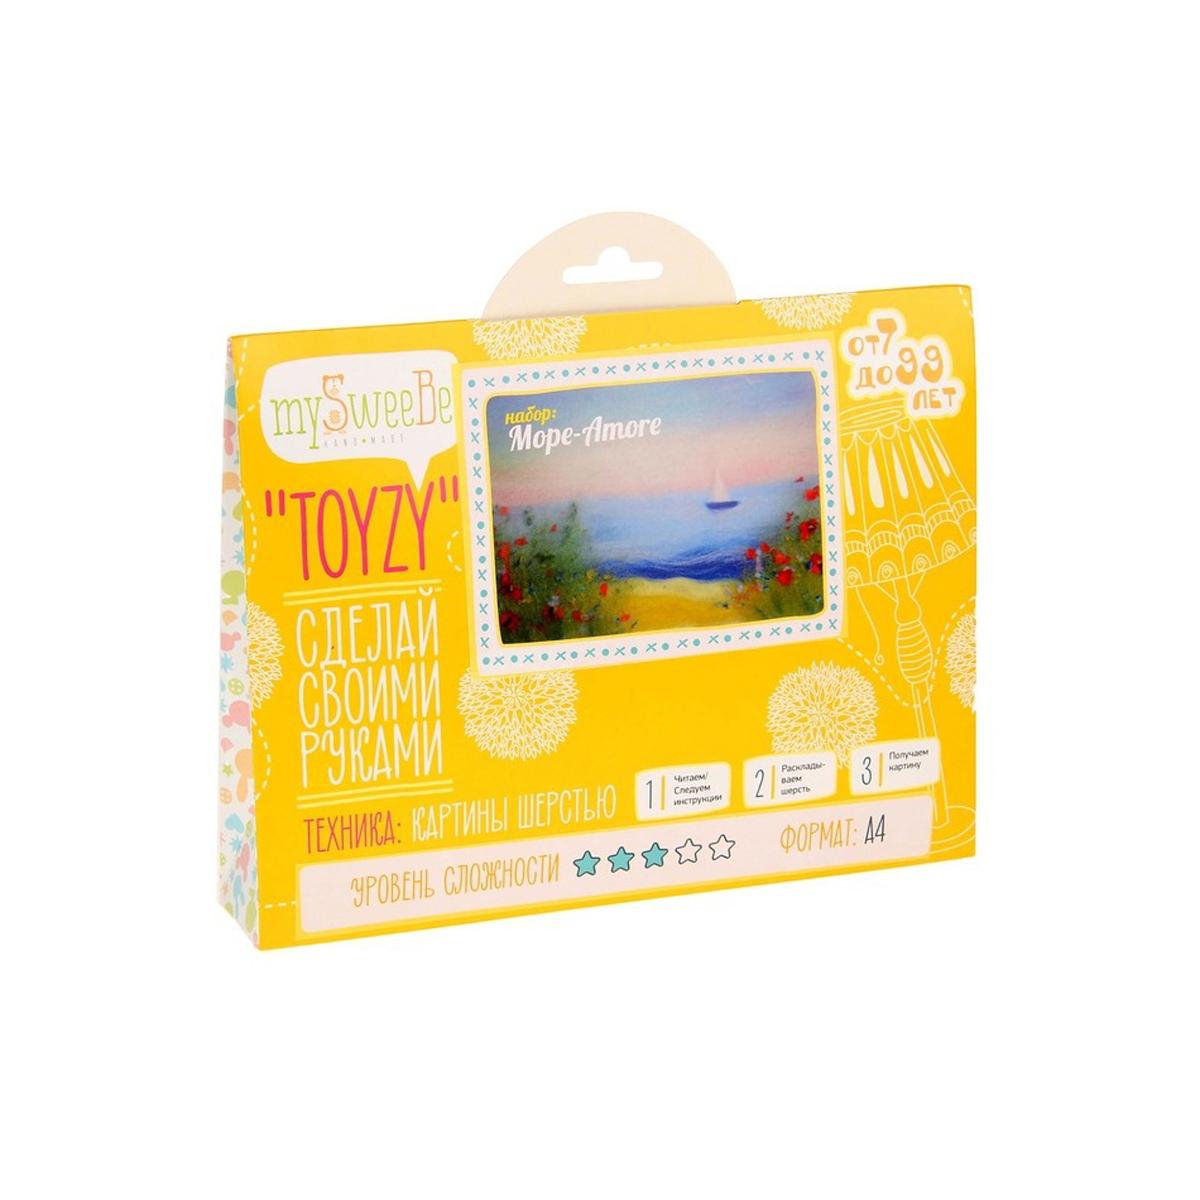 Картина шерстью Toyzy Море-Amore, 29,7 см х 21 см. TZ-P009484556Набор для изготовления картин из шерсти Toyzy включает в себя: детальную инструкцию; все необходимые материалы и инструменты (в т.ч. шерсть, пинцет, подложку, дополнительные элементы). Шерсть, содержащаяся в наборе, является 100% натуральной и качественной.